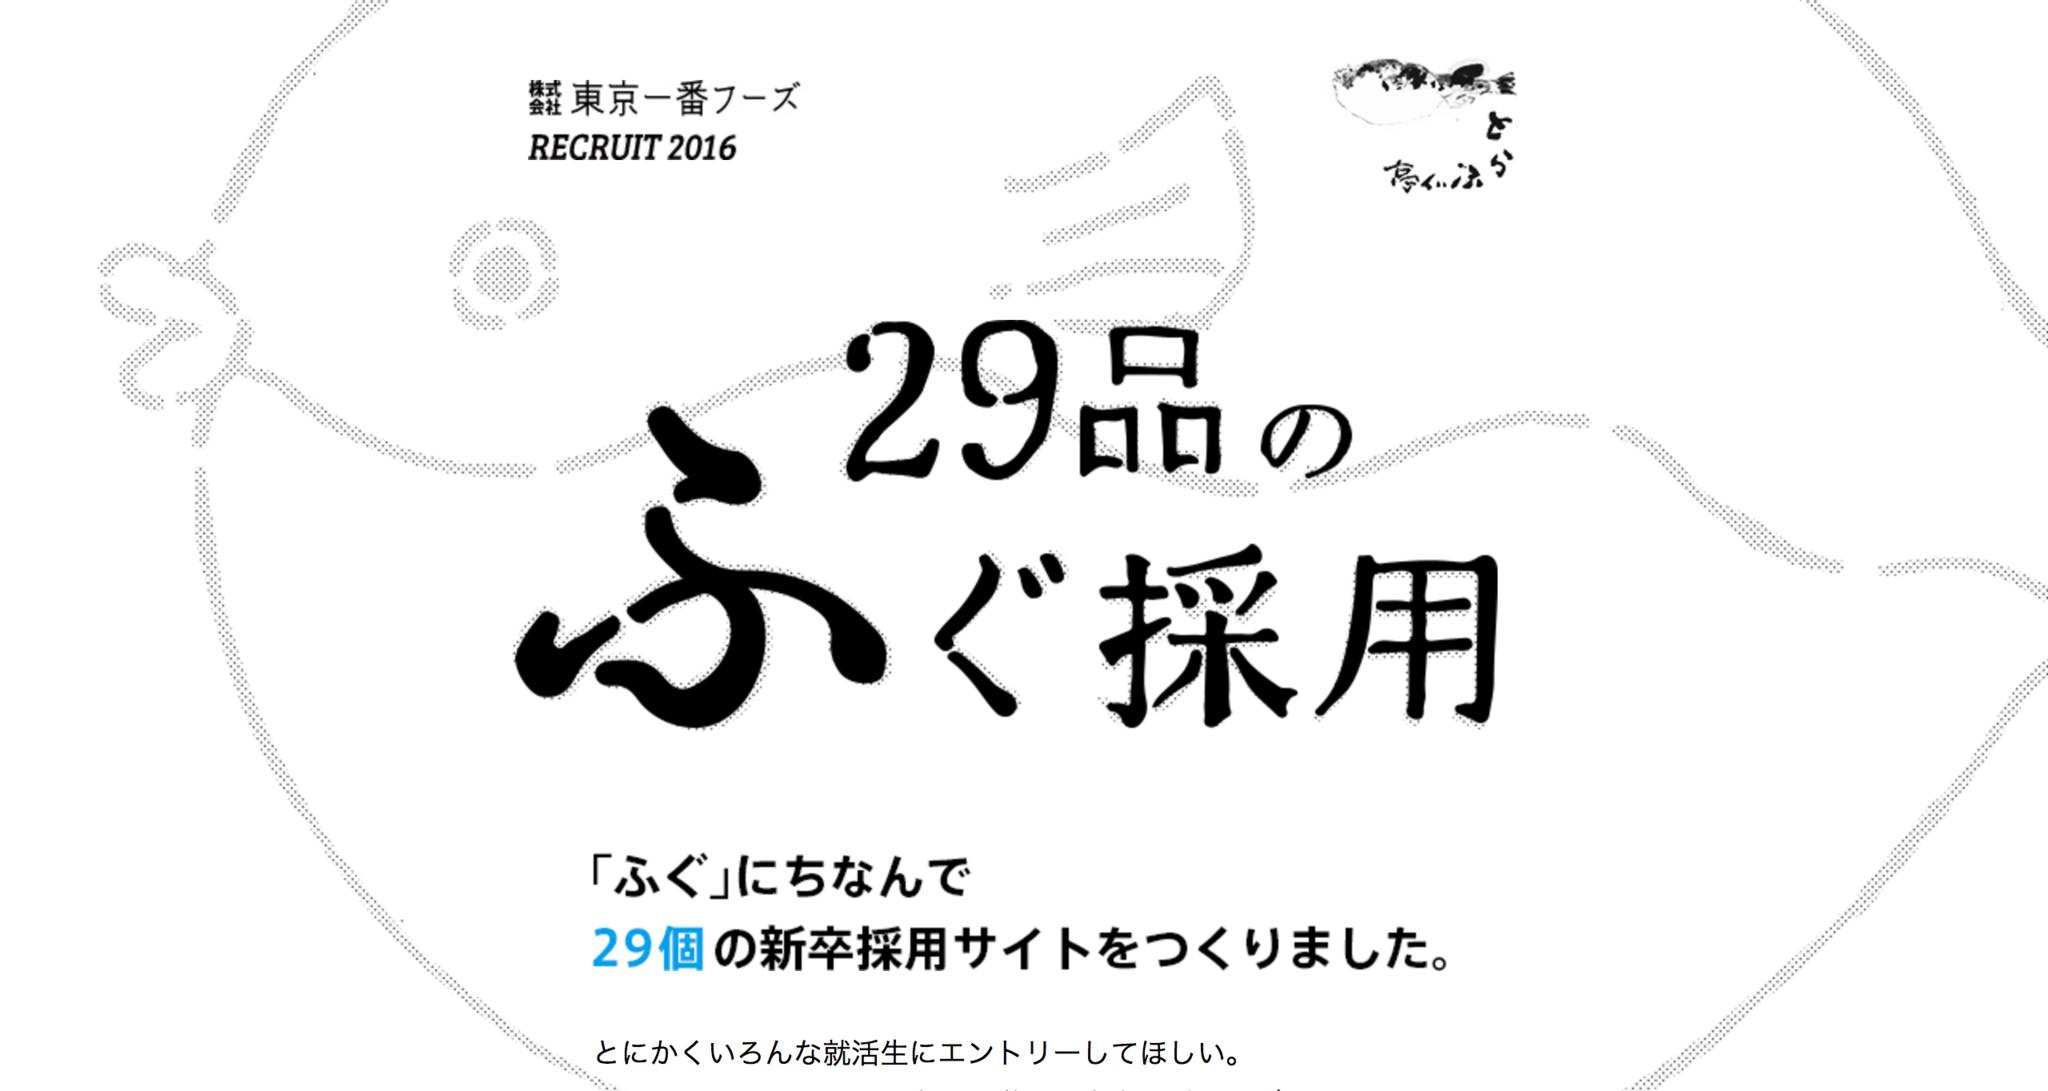 29品のふぐ採用___東京一番フーズ新卒採用2016コンテンツ.png